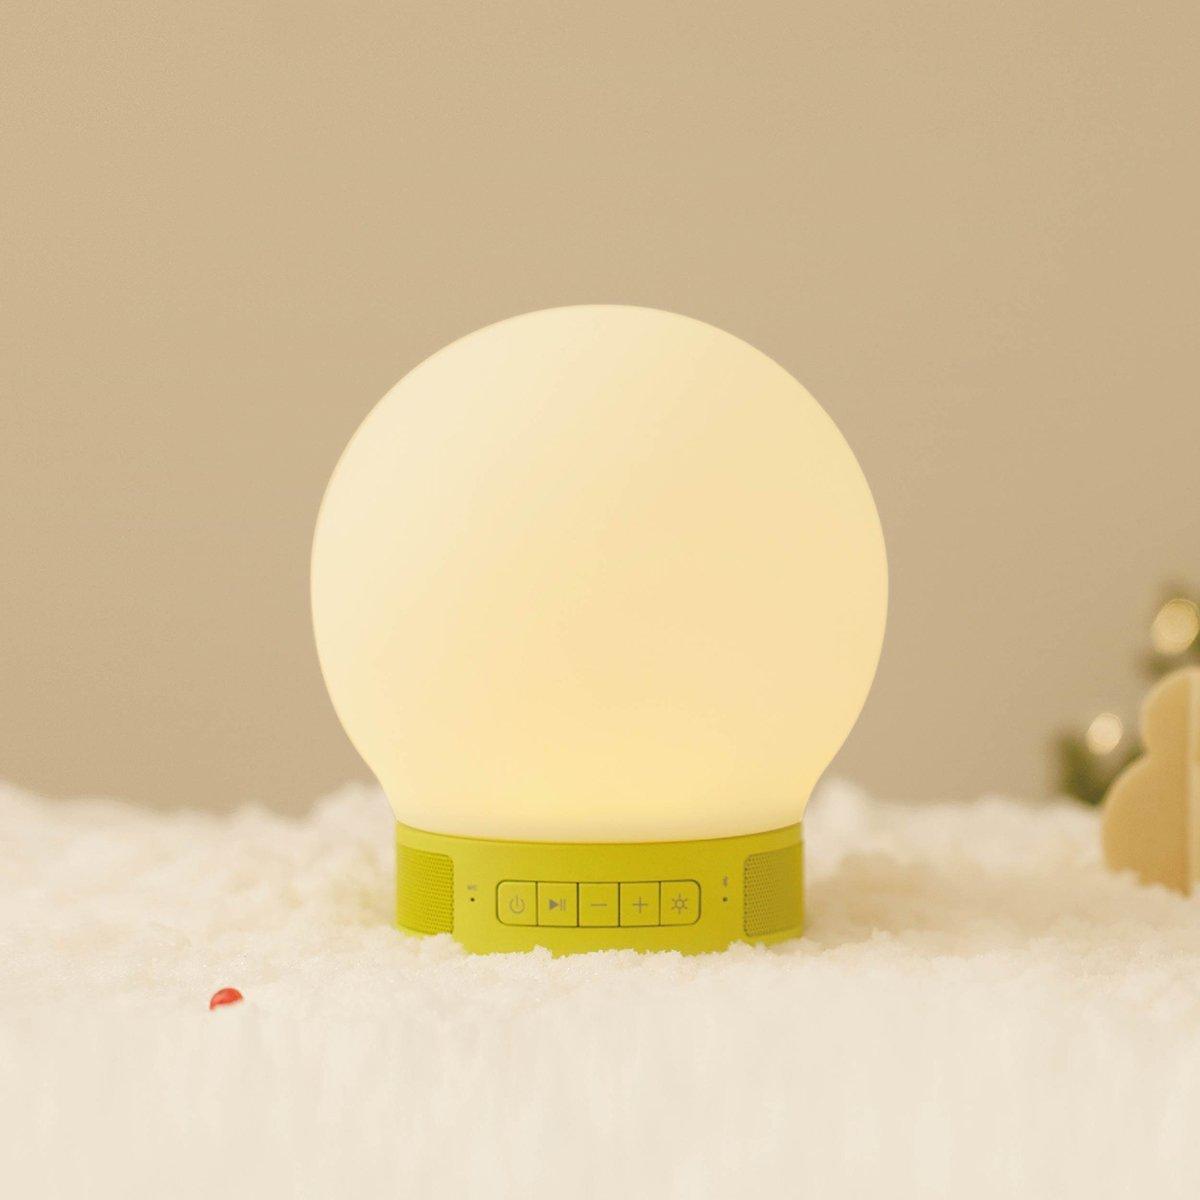 Emoi Mini LED Night Light